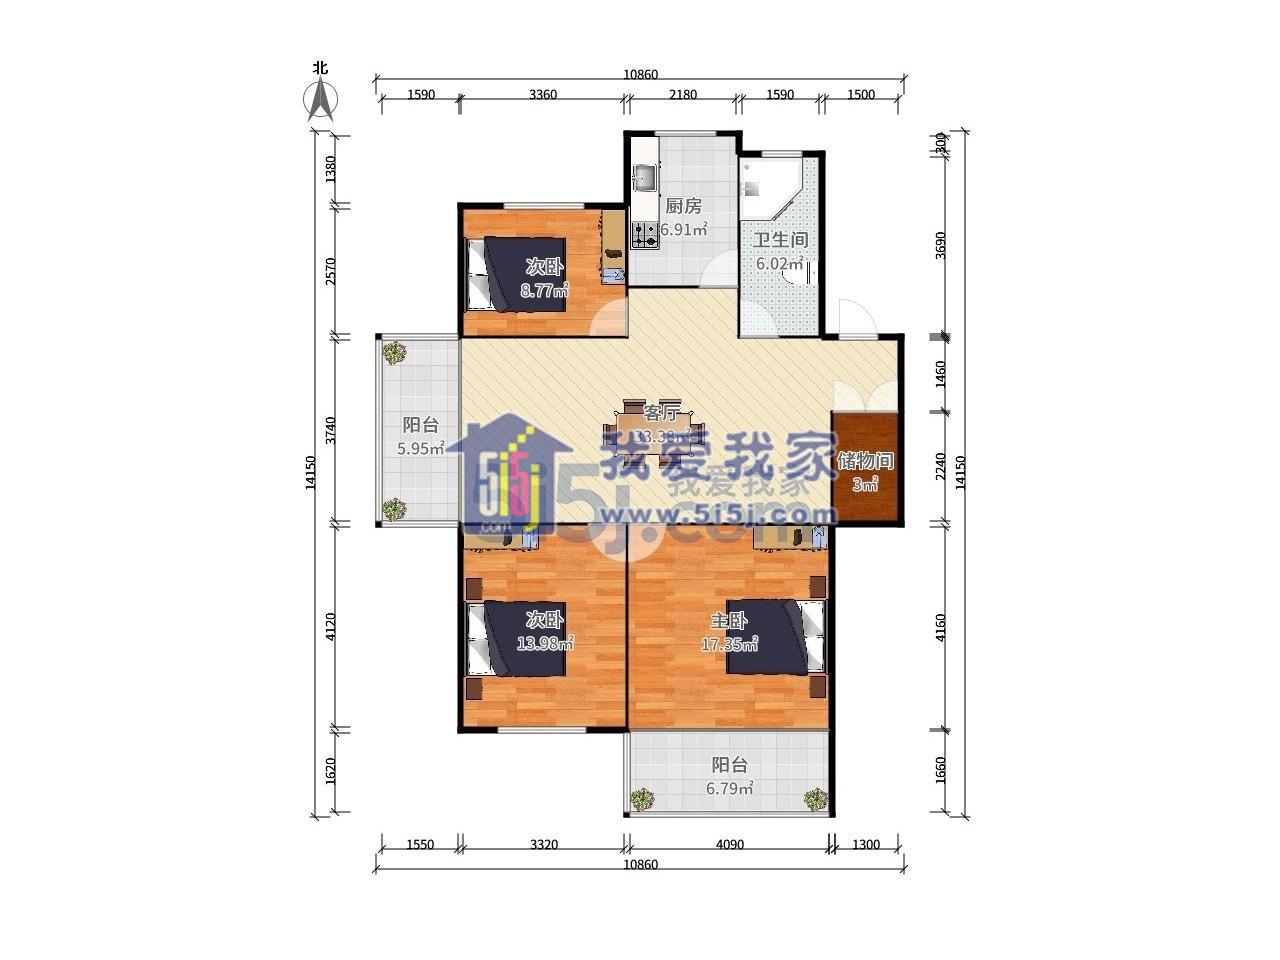 玄武区长江路长江花园3室2厅户型图